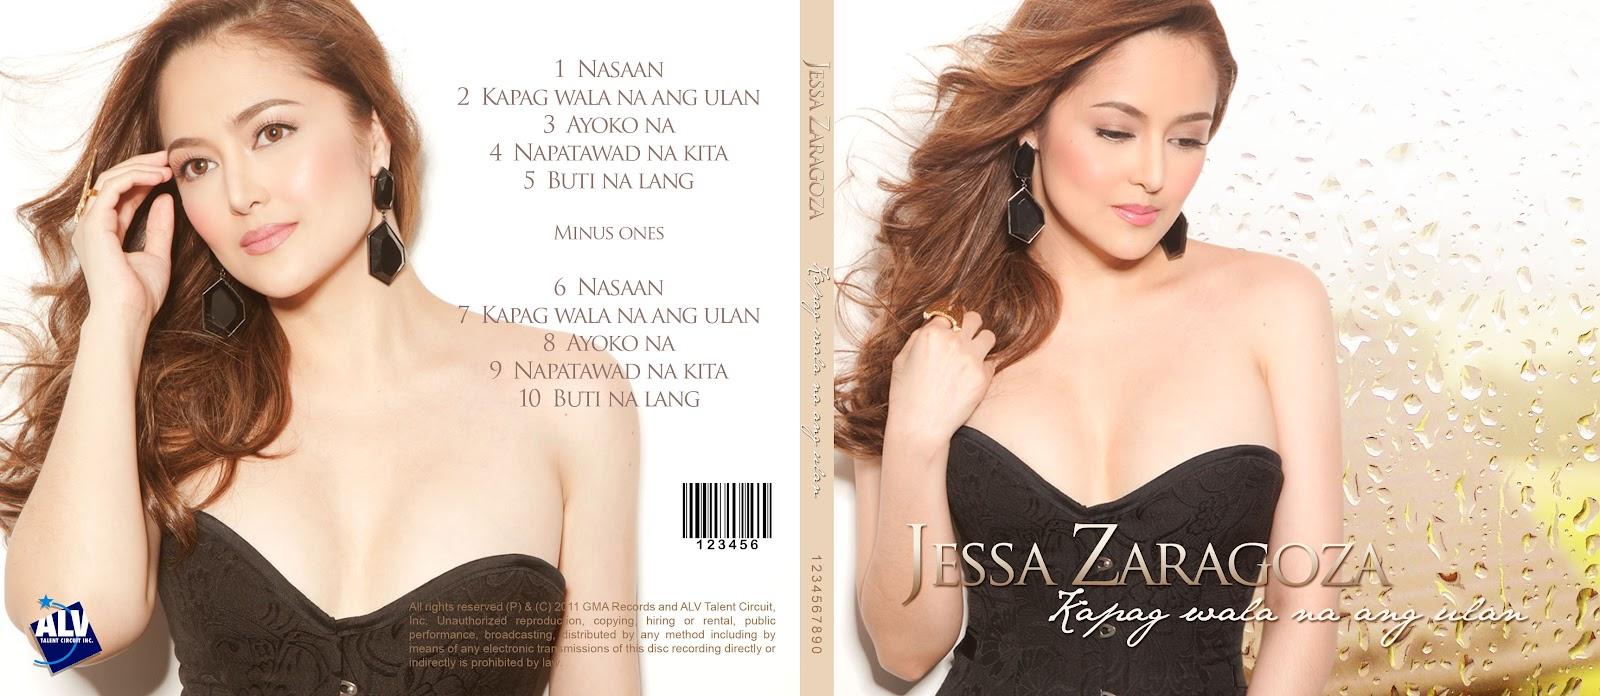 Jessa Zaragoza (b. 1978) nude (72 foto), pictures Bikini, Twitter, cleavage 2017